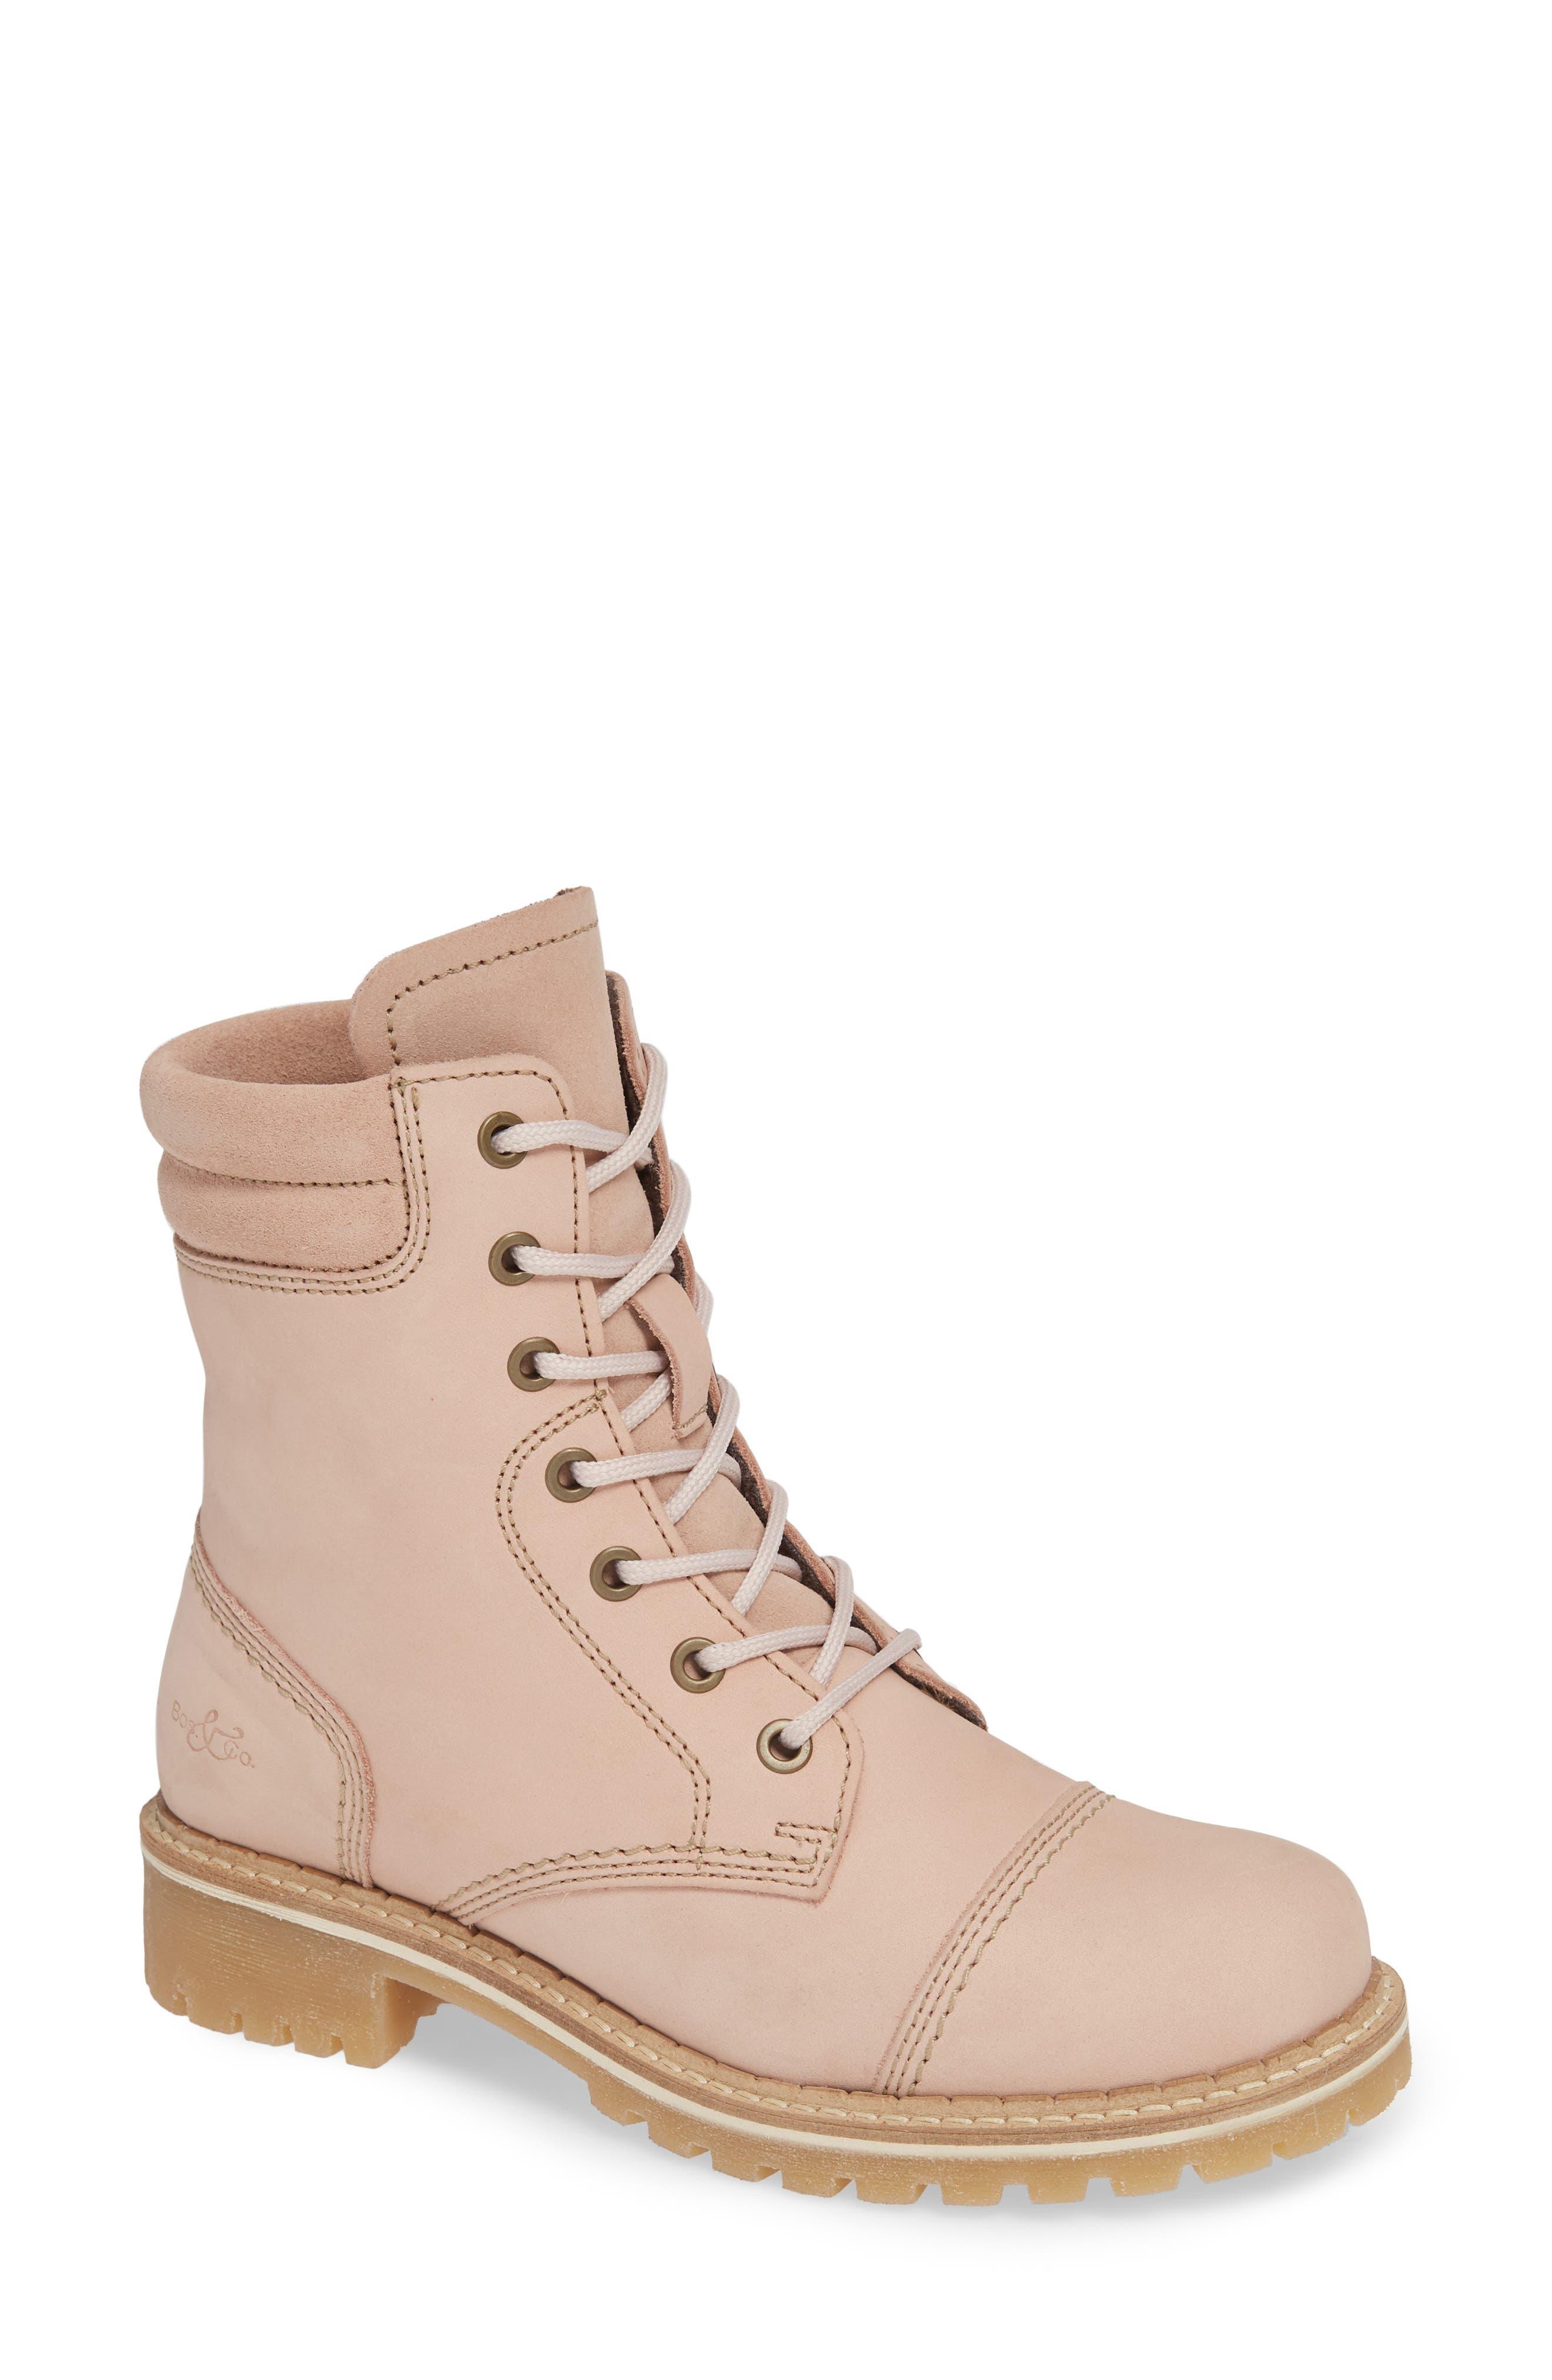 Bos. & Co. Hero Waterproof Hiker Boot, Pink